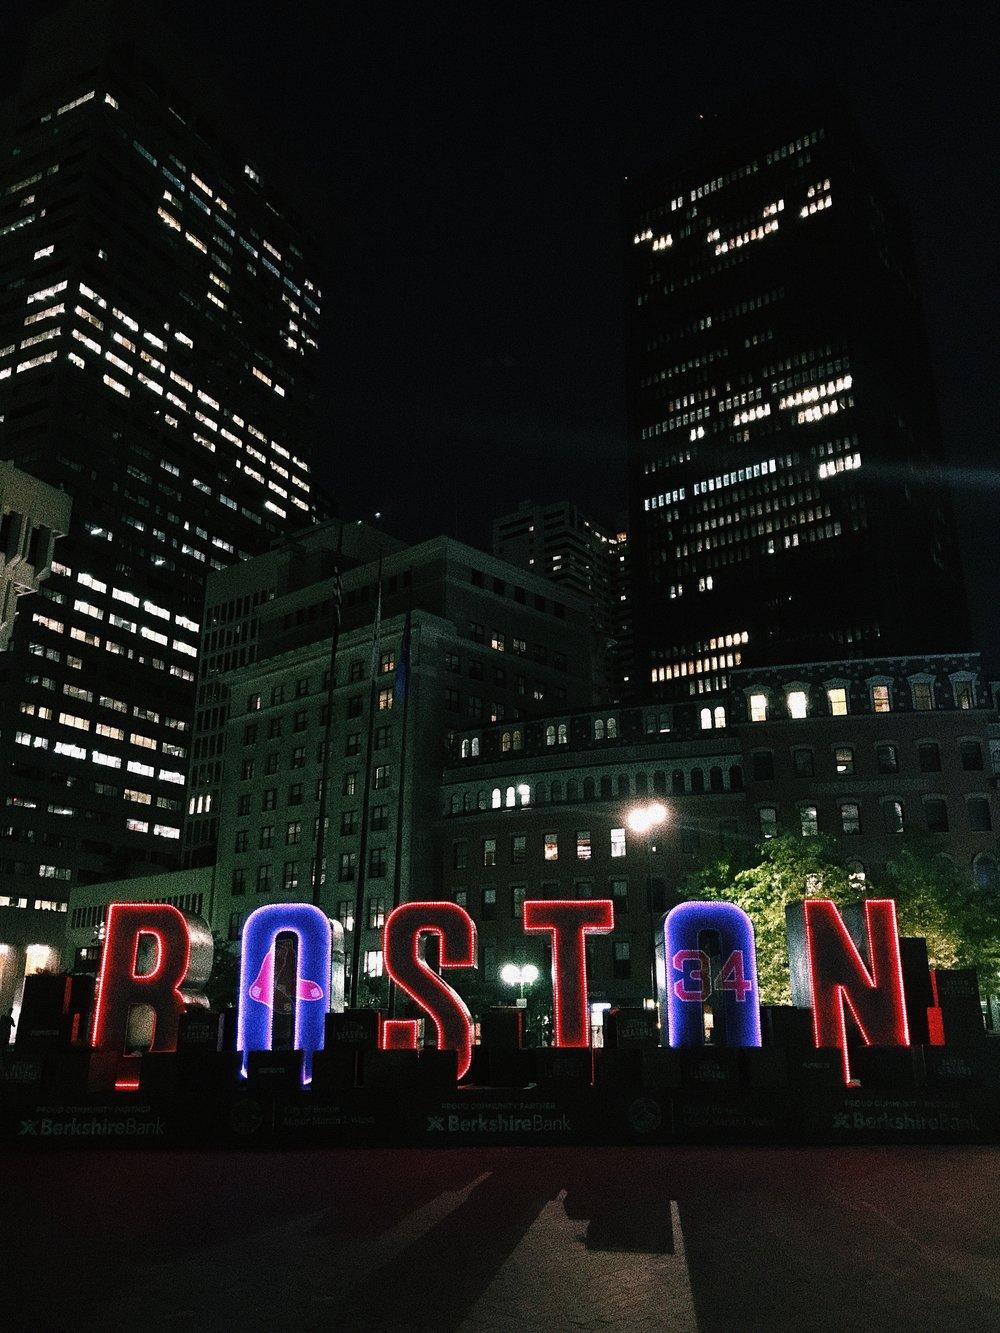 Alvarez_Amanda_boston_01.jpg